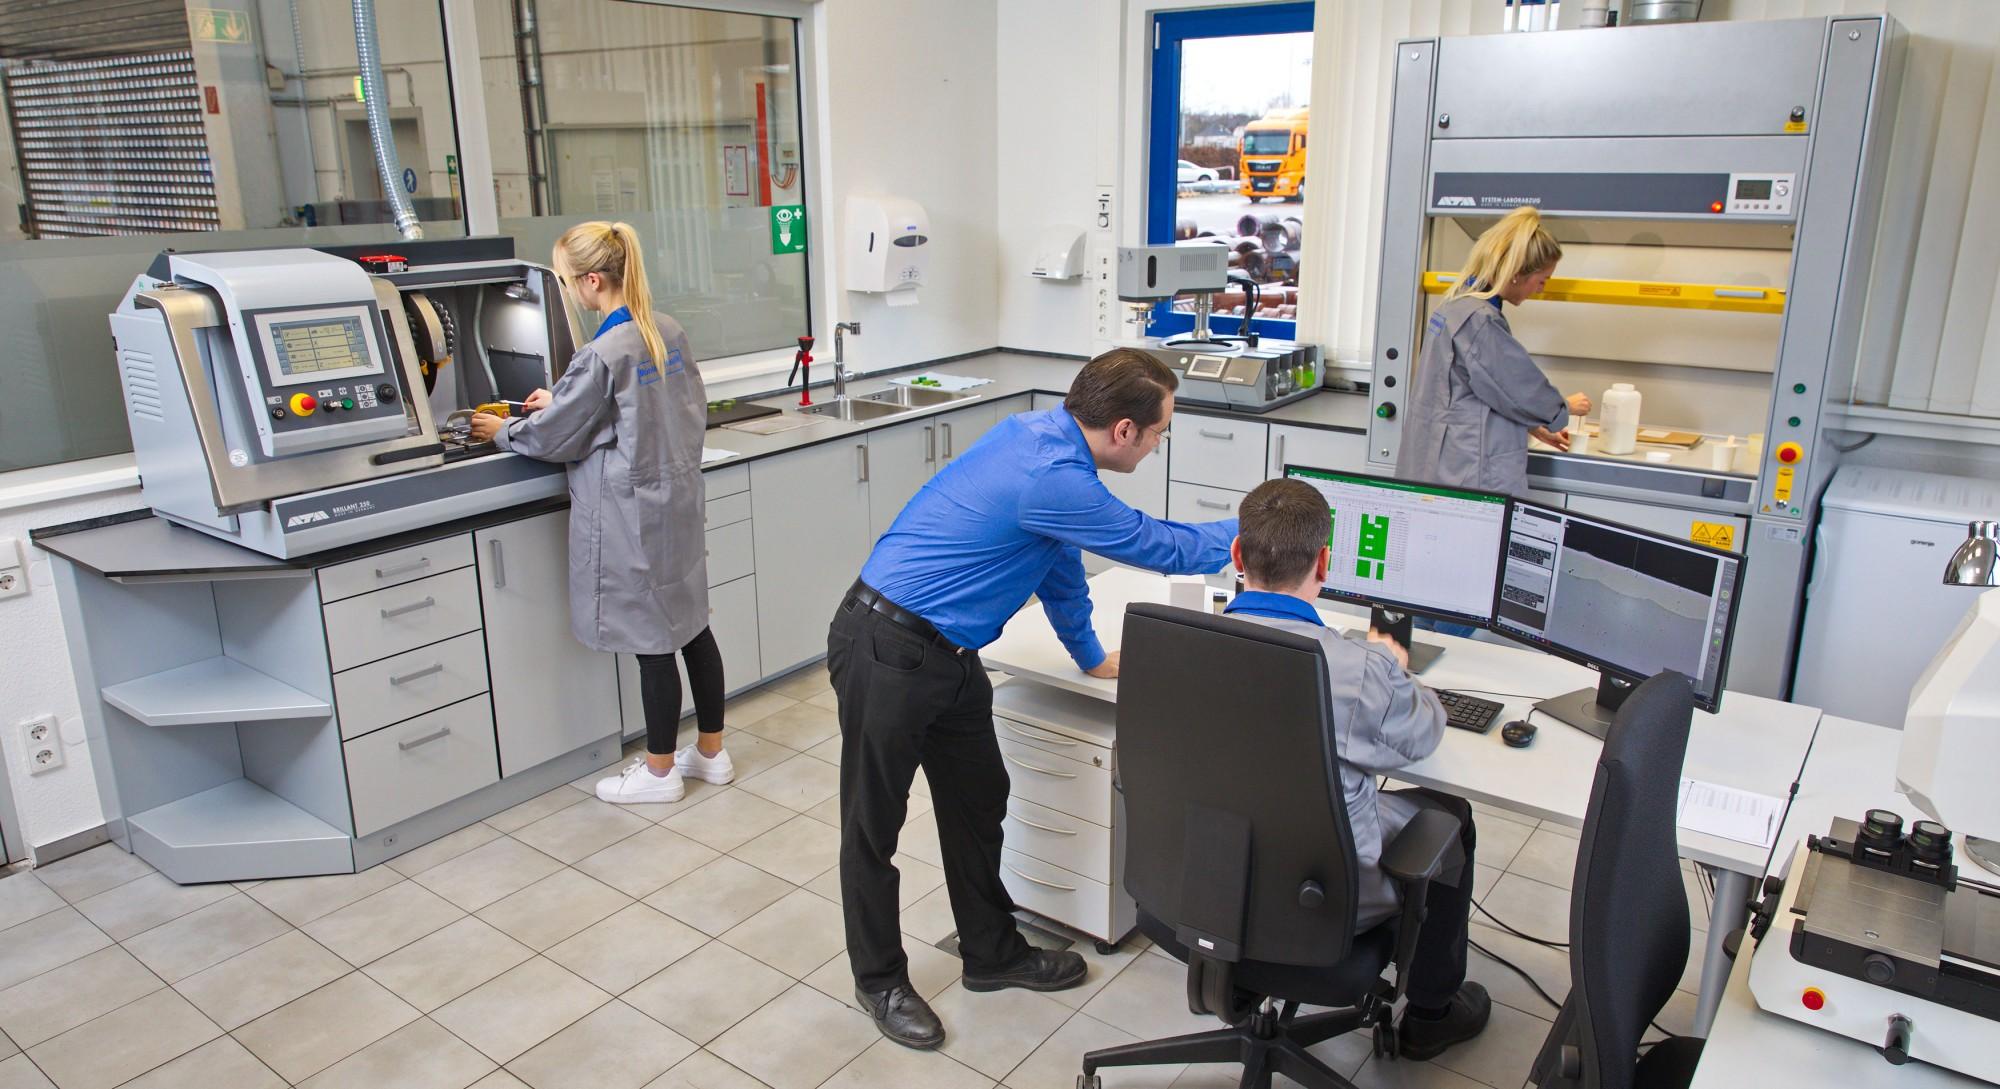 Blick in das neue Prüflabor der Montanhydraulik GmbH in Holzwickede: Herzstück des Prüfungslabors ist ein Härteprüfgerät mit Digitalmikroskop, das eine 1000-fache Vergrößerung der Probe erlaubt. (Foto: Montanhydraulik)